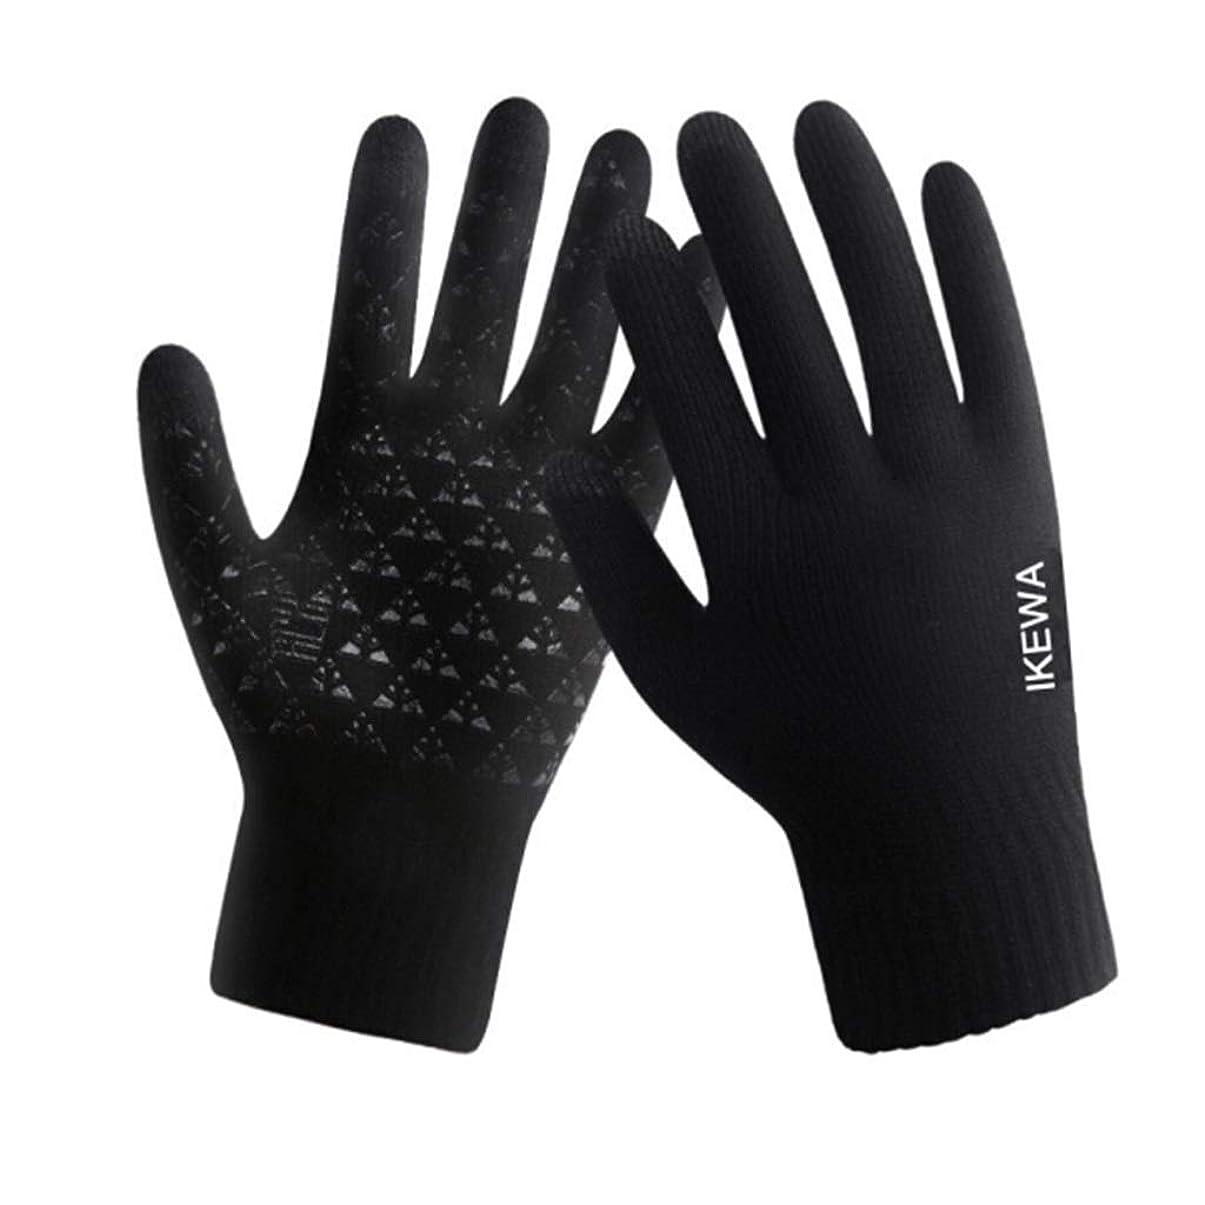 能力雄弁家申請中冬の羊毛の手袋、男性と女性、サイクリング、暖かいニット、タッチスクリーン、5本指の手袋、黒(男性)